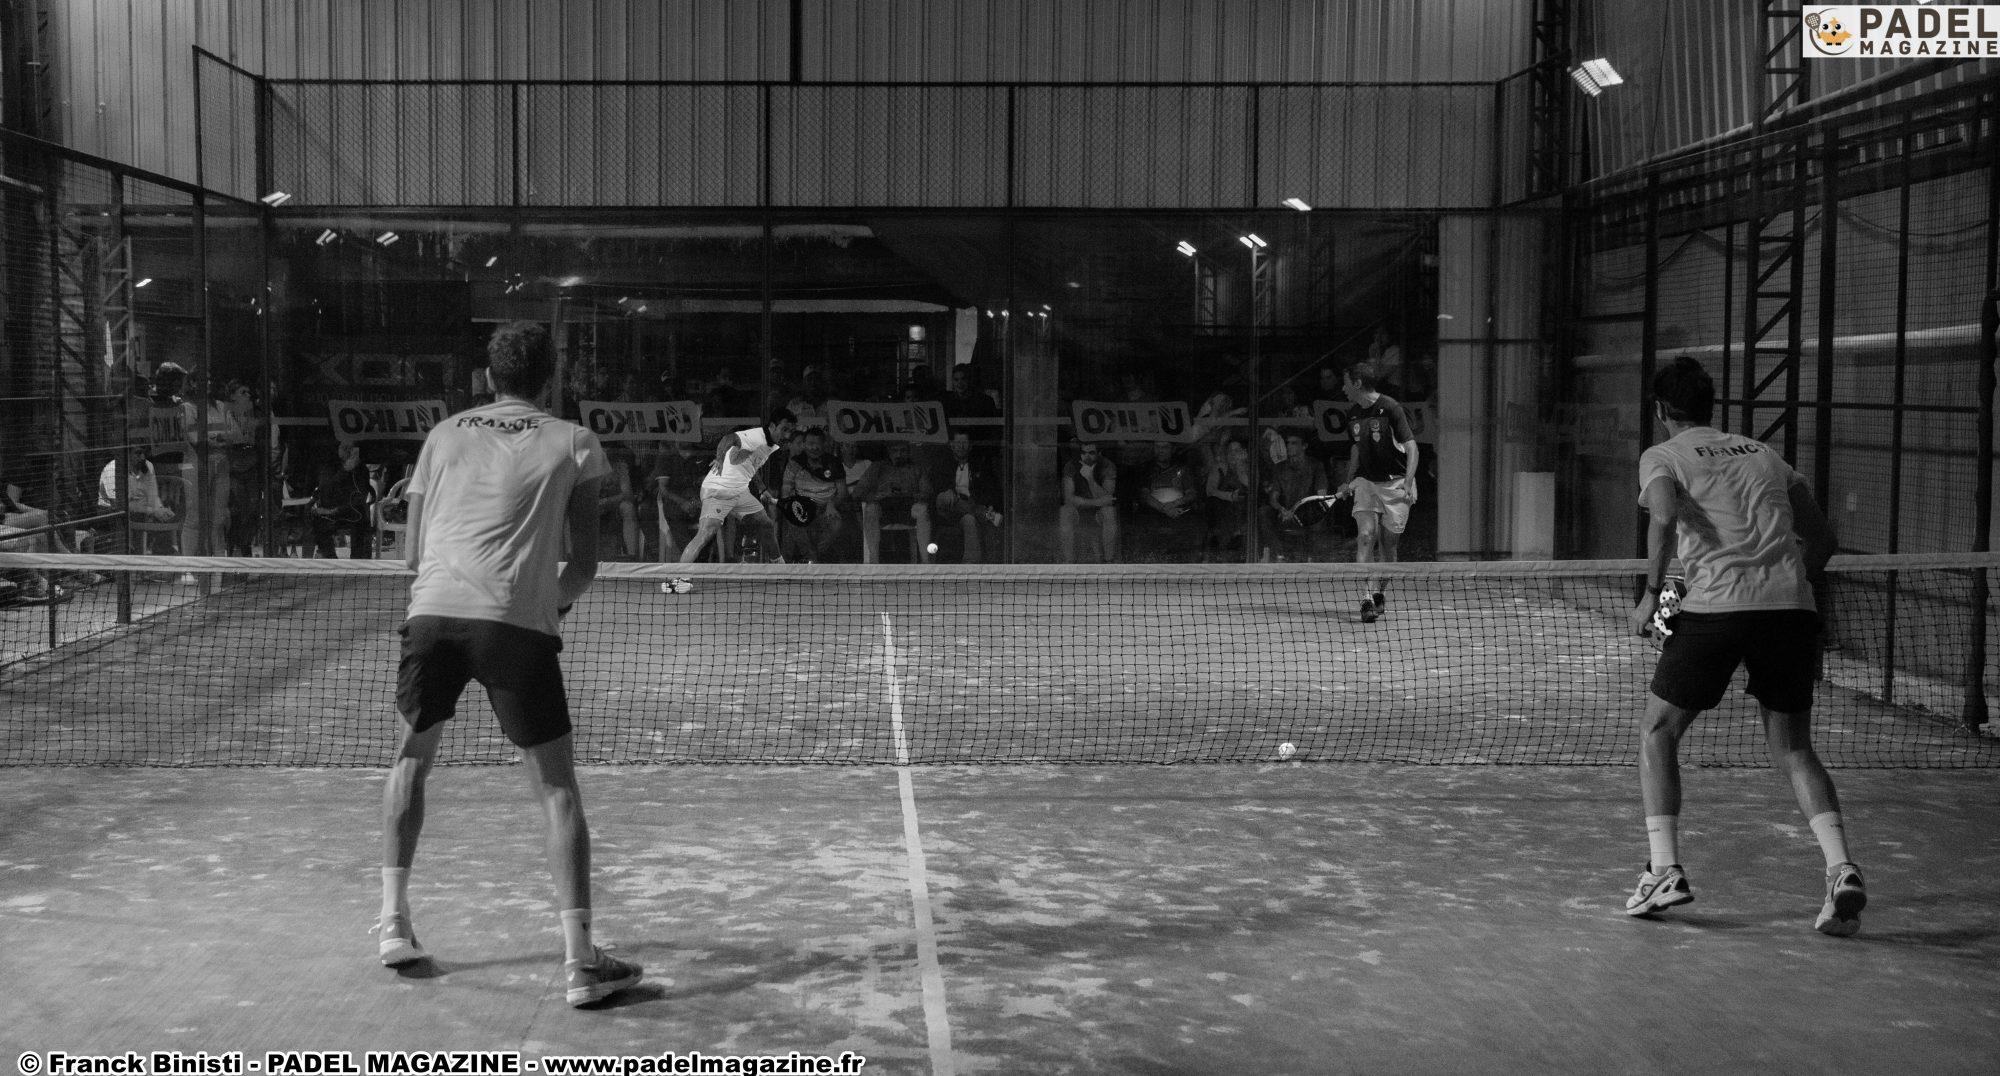 Les joueurs du tennis veulent jouer au padel dans les clubs privés ?